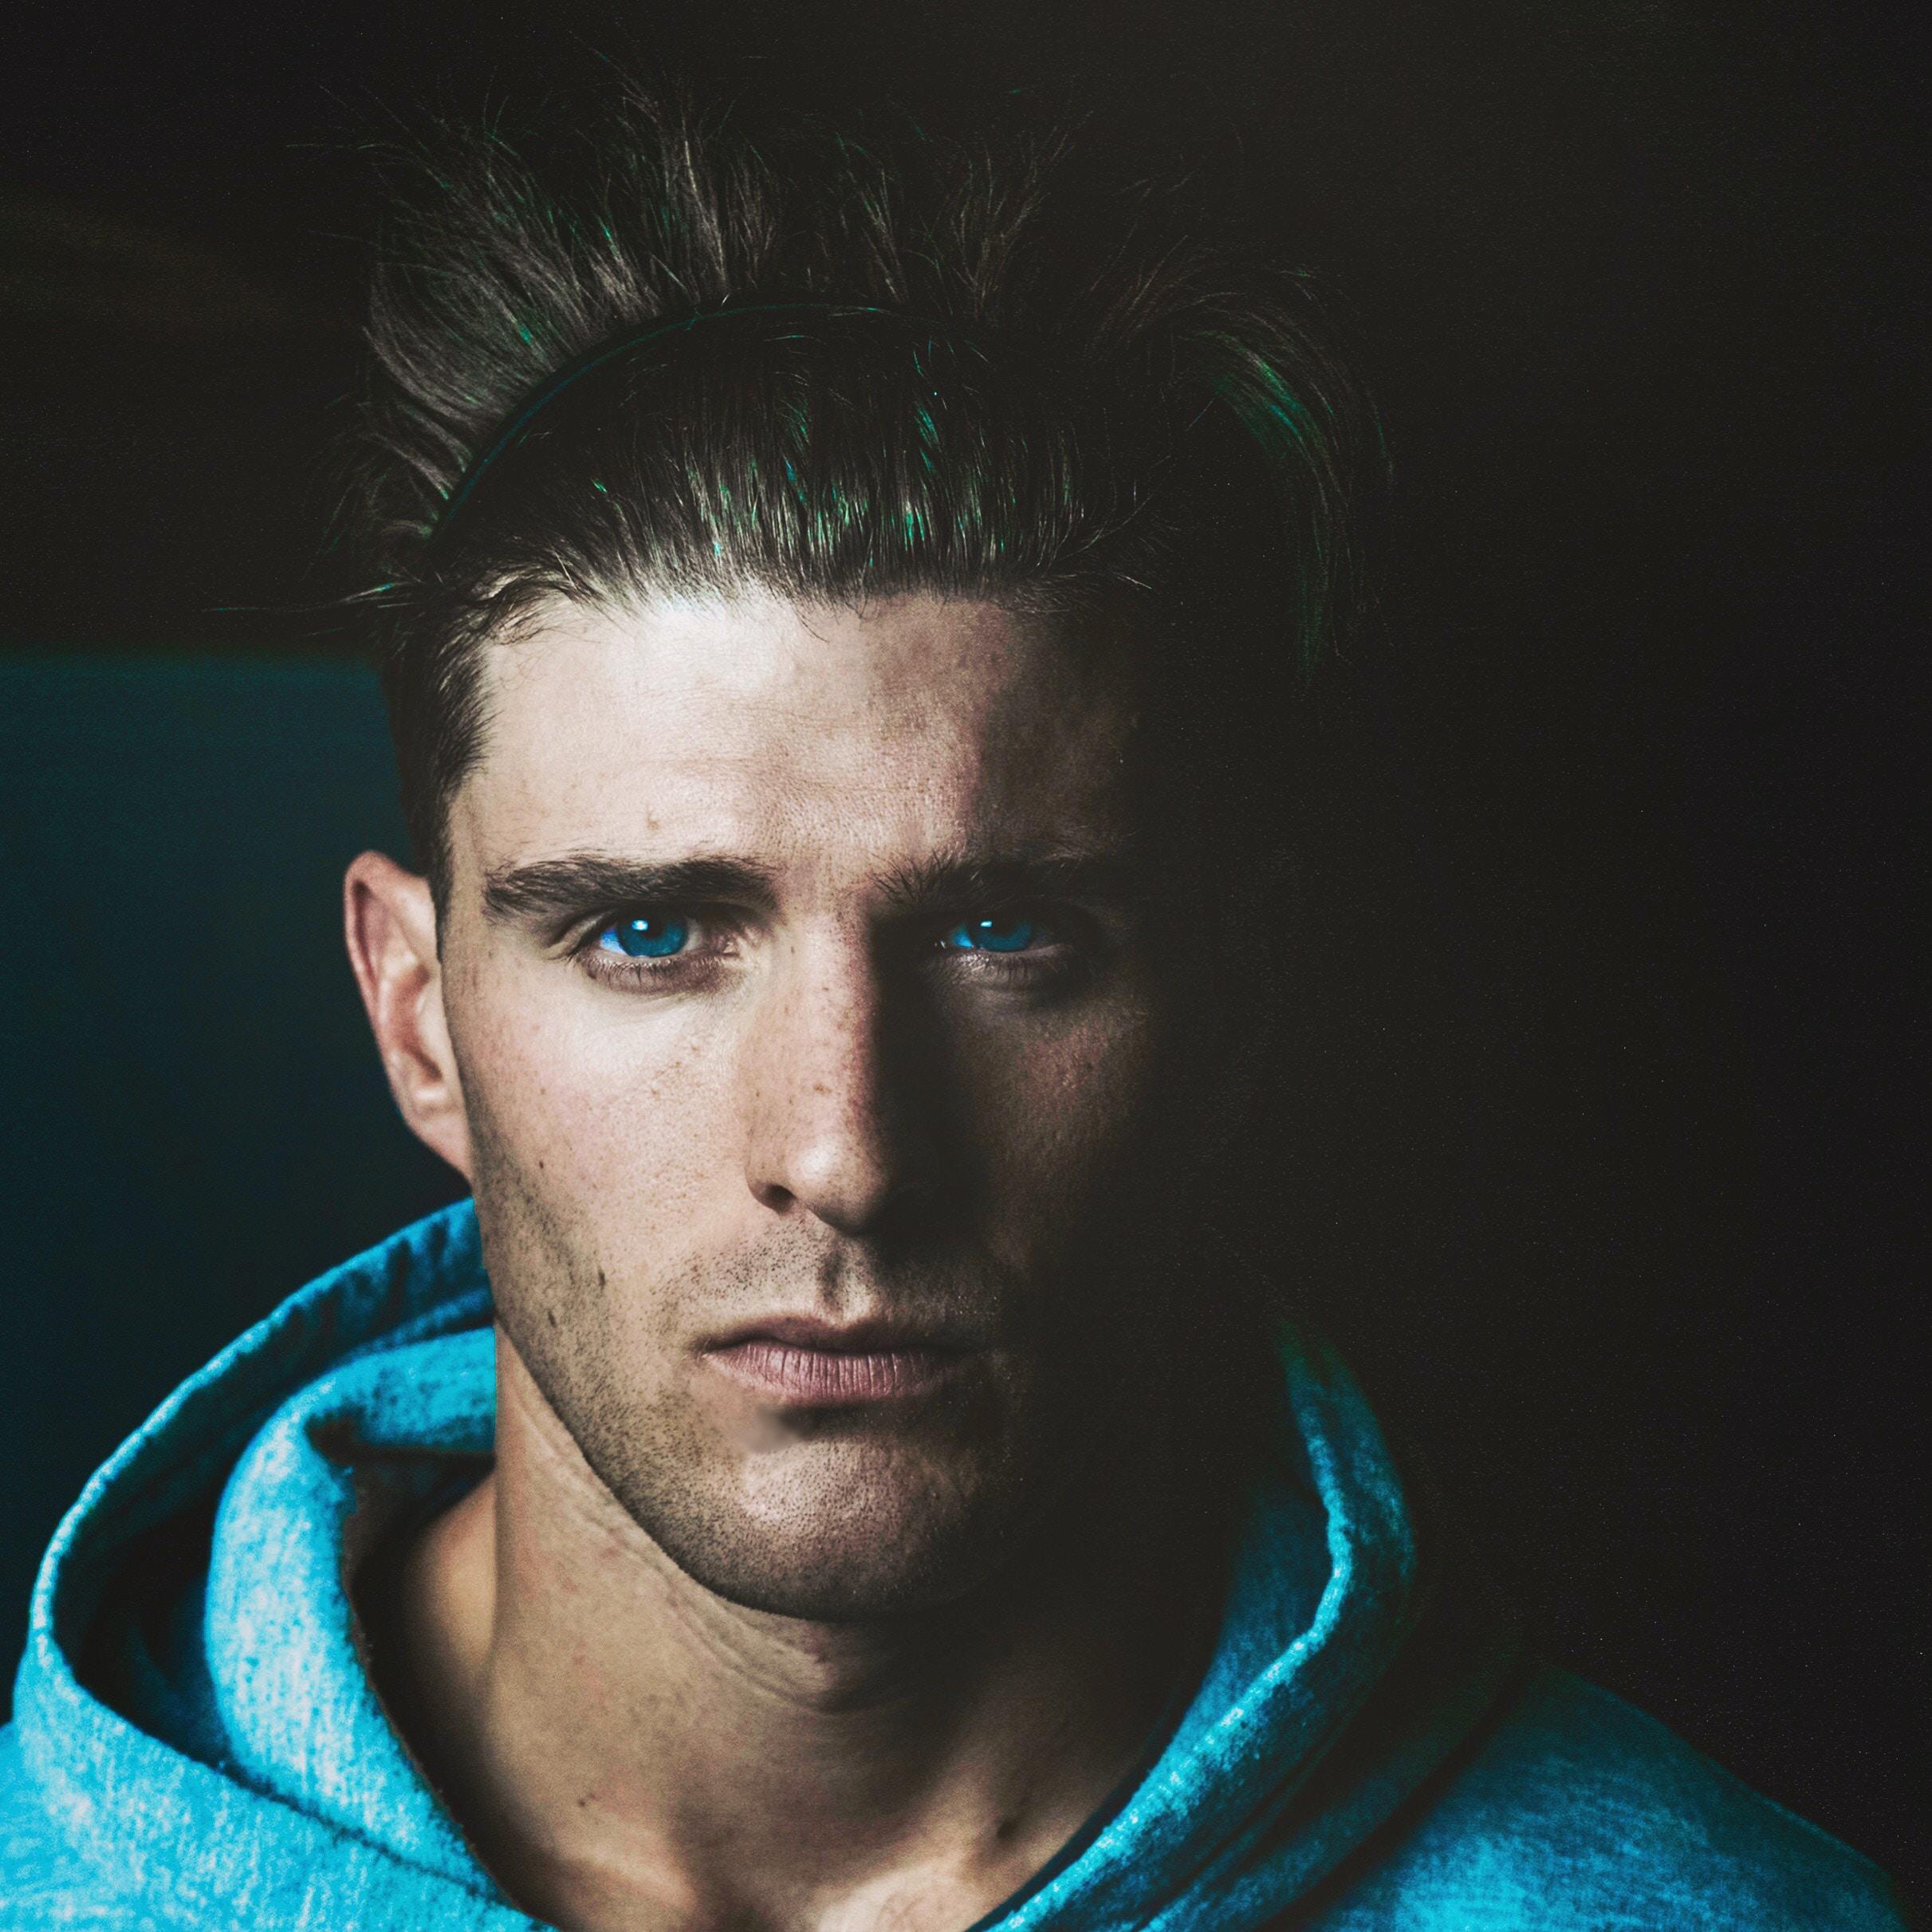 man wearing blue hoodie